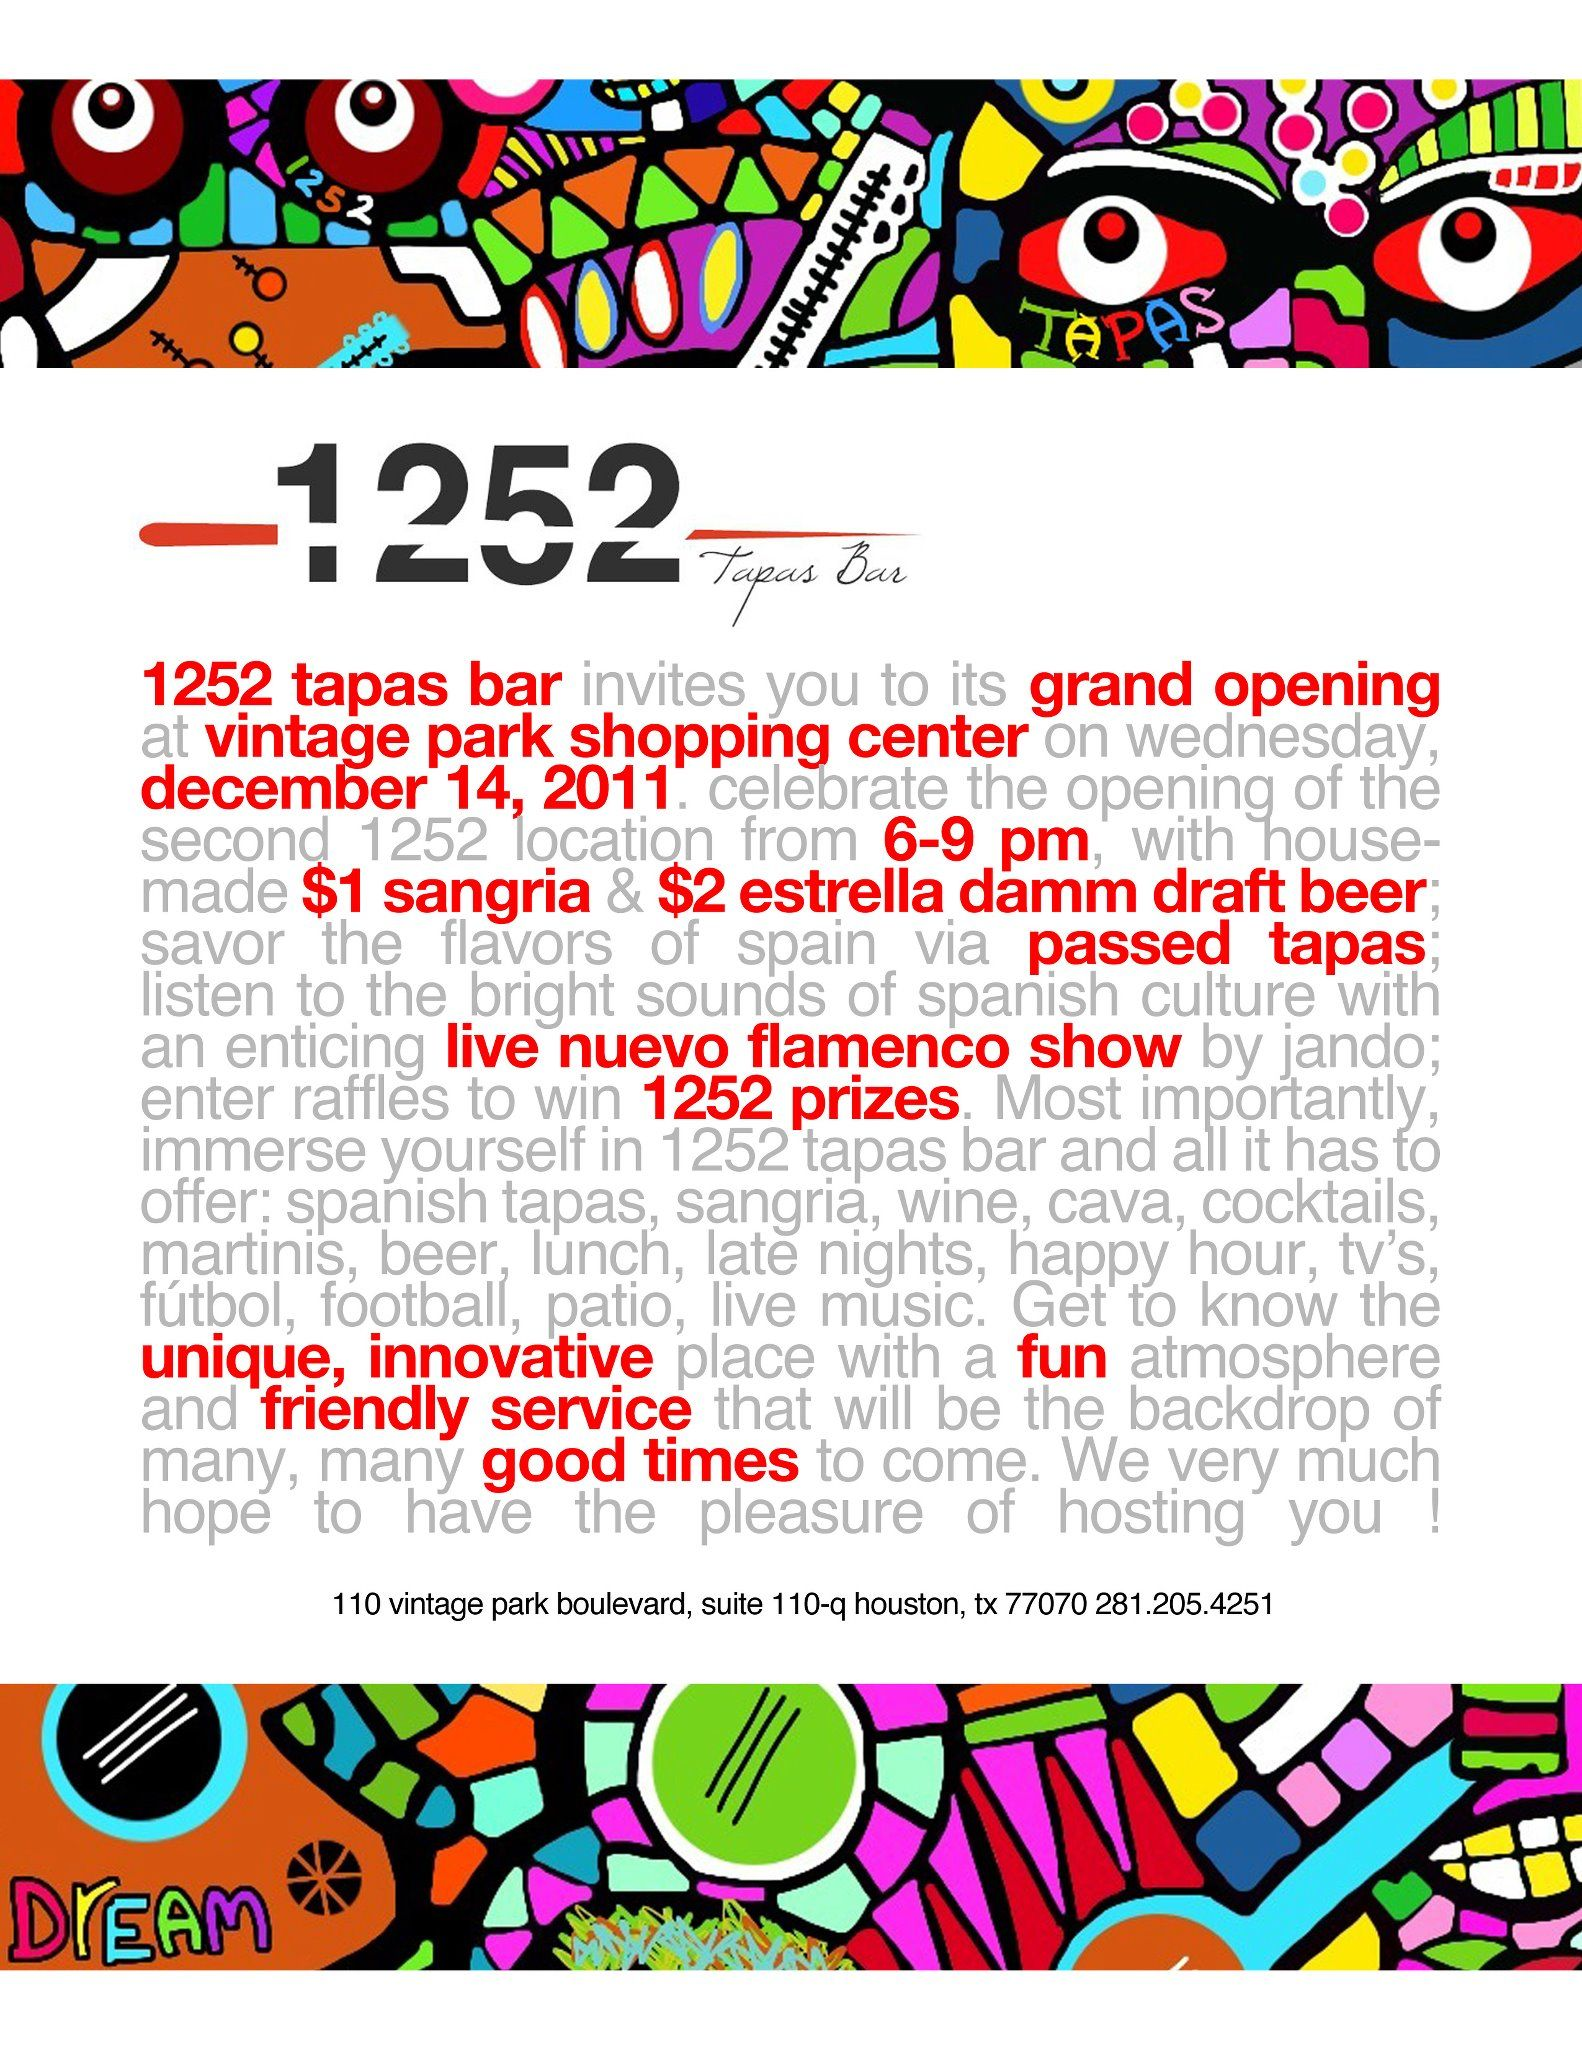 1252 Tapas Bar At Vintage Park Grand Opening Invitation Tapas Bar Tapas Grand Opening Invitations